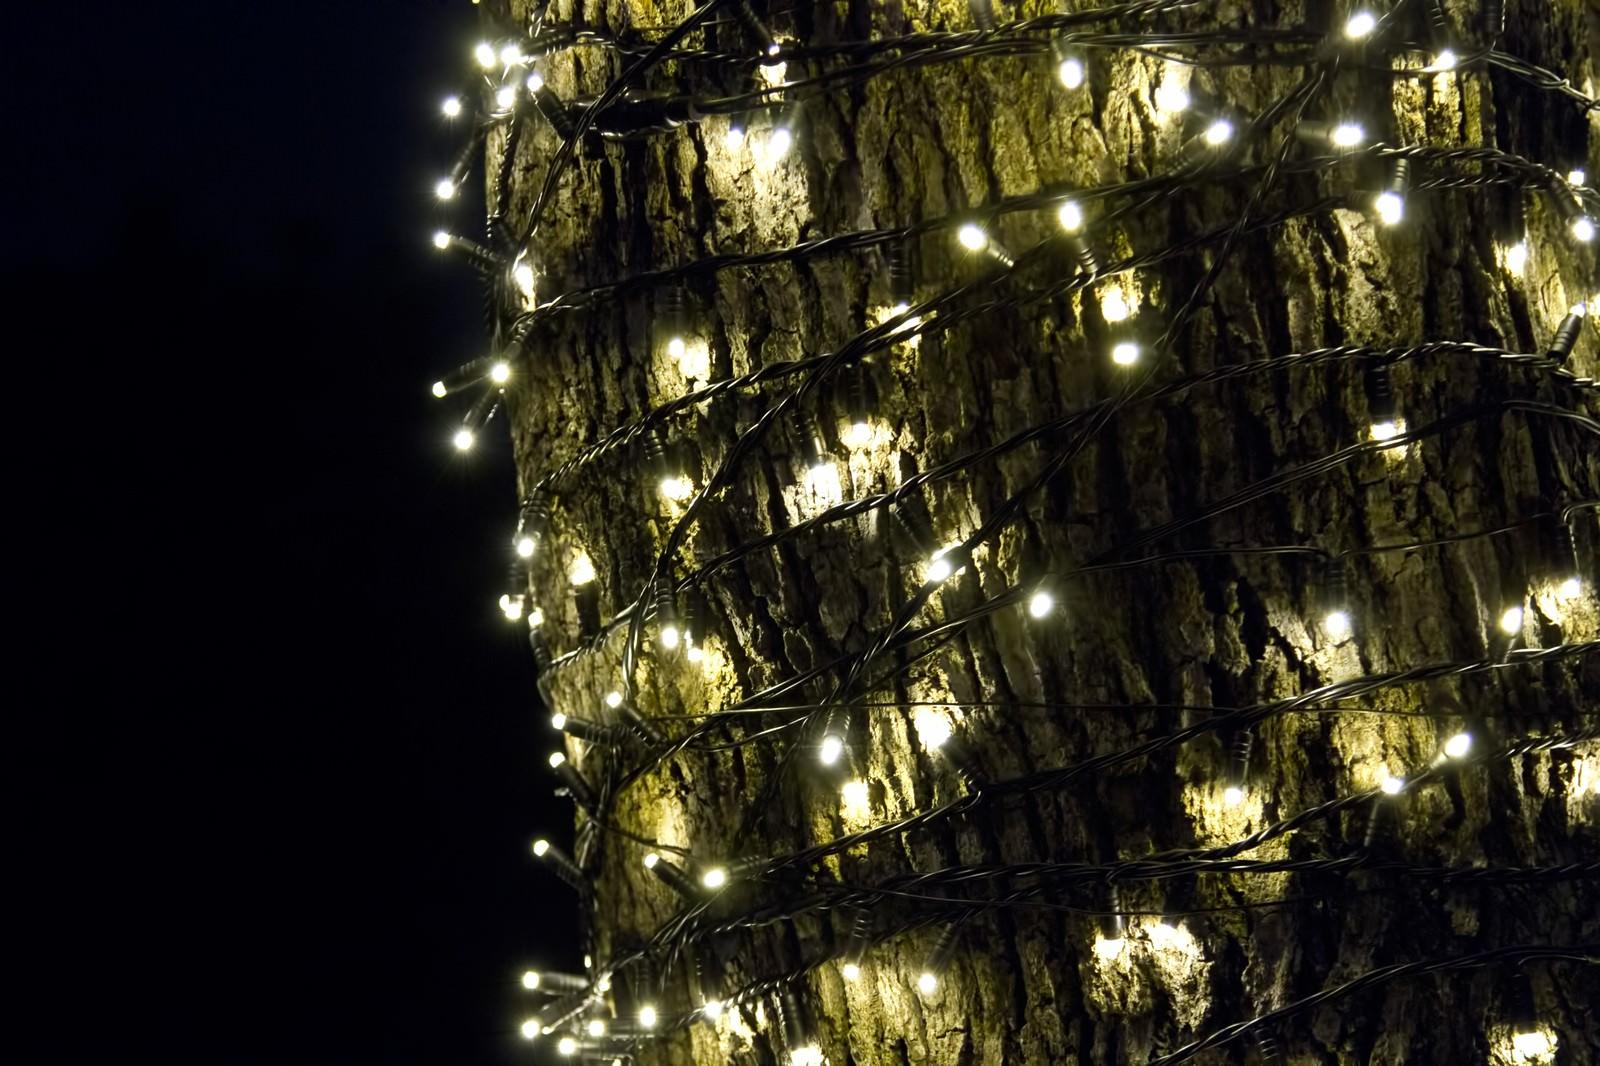 「木に巻きつく電飾」の写真